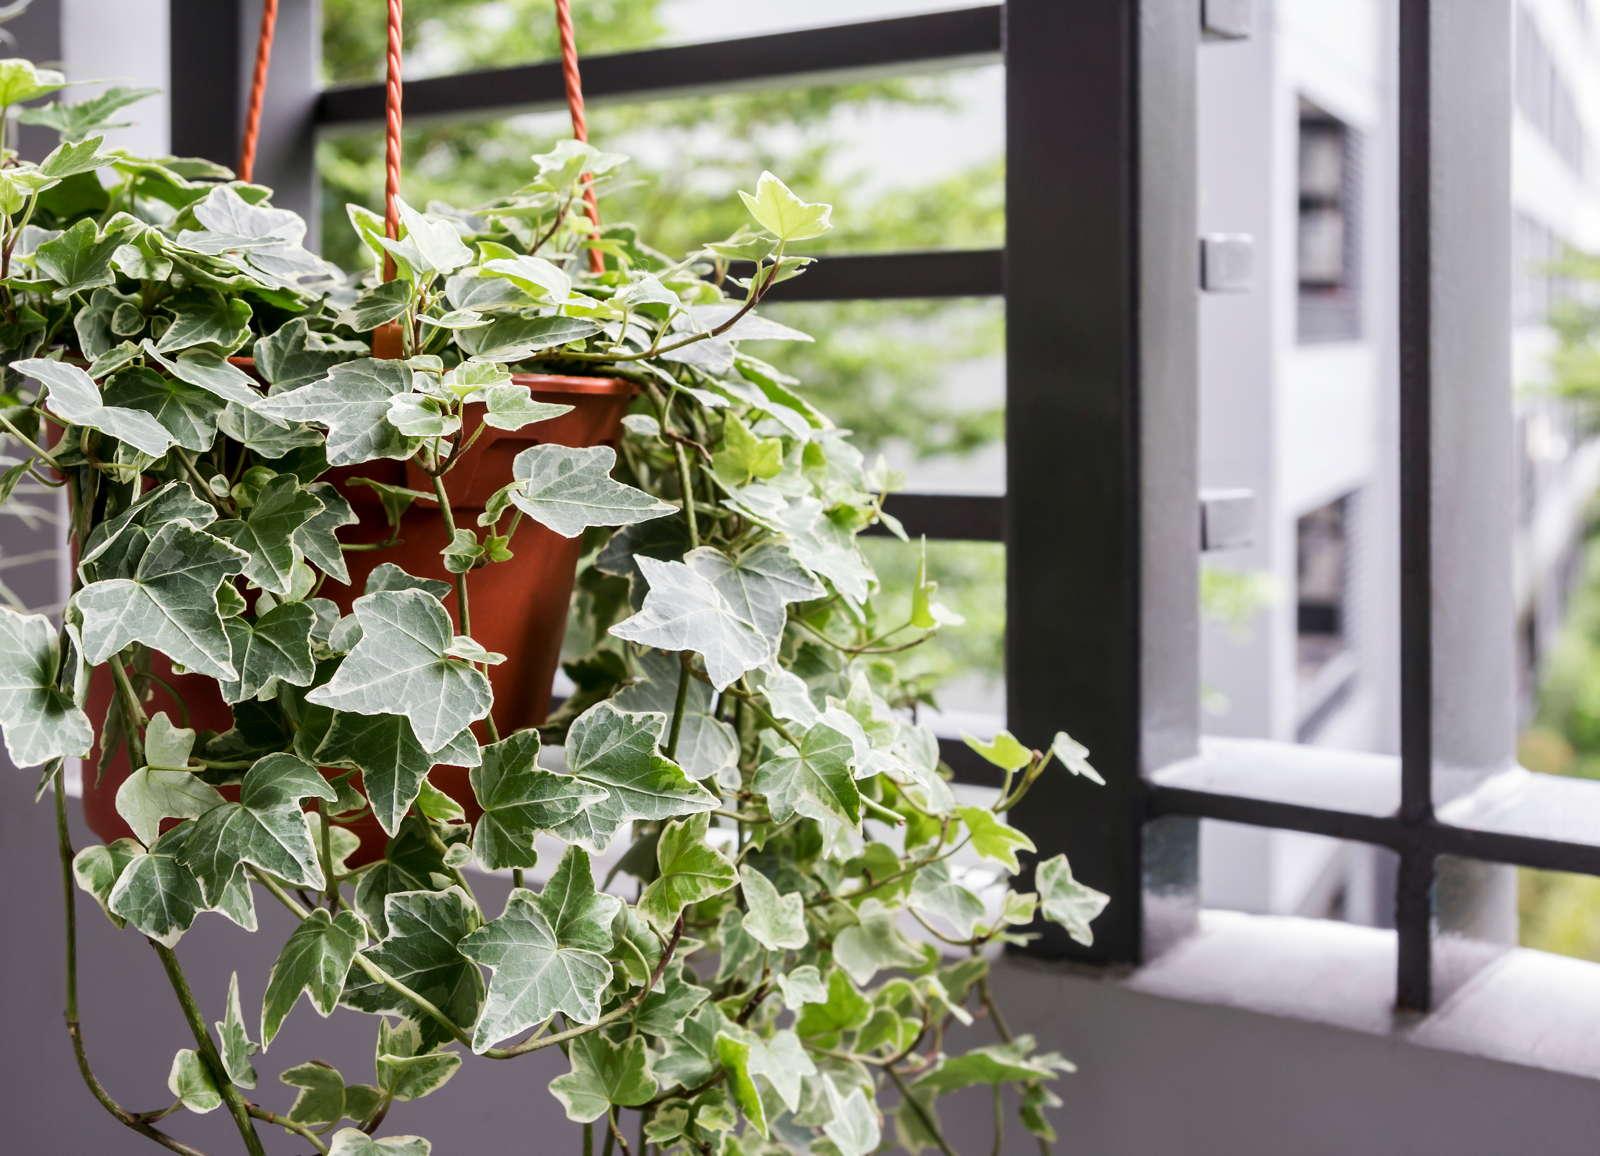 Luftreinigende Pflanzen: Die Top 10